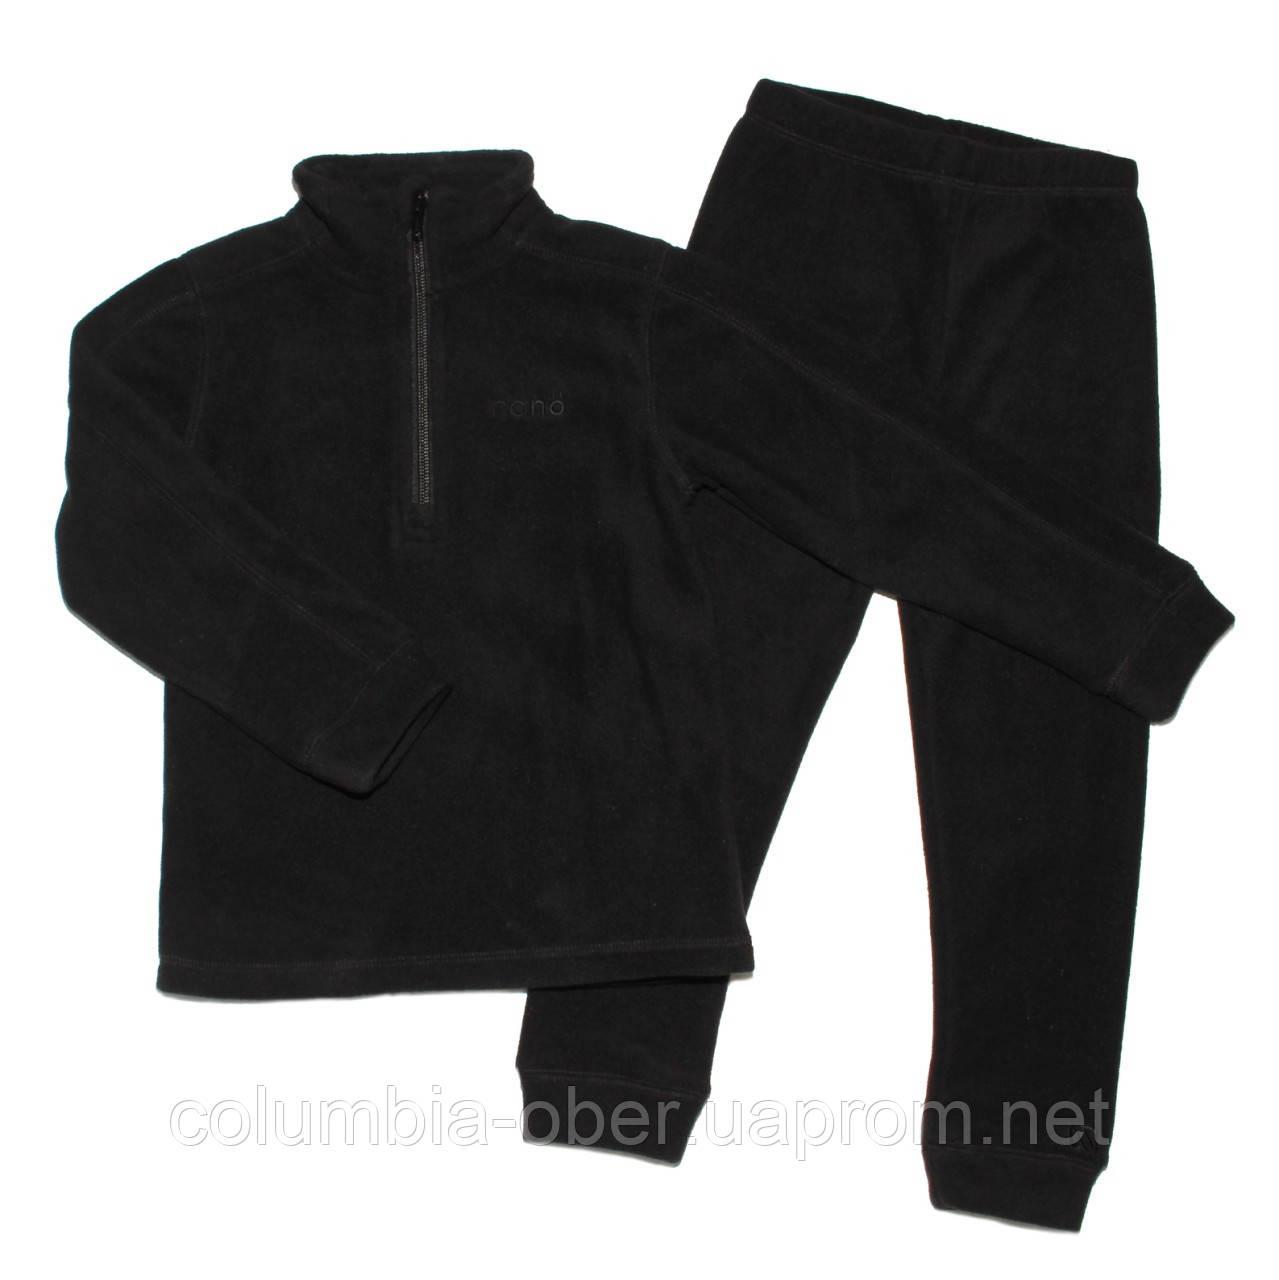 Флисовый костюм для мальчика NANO BUWP600-F17Black. Размер 89-46.